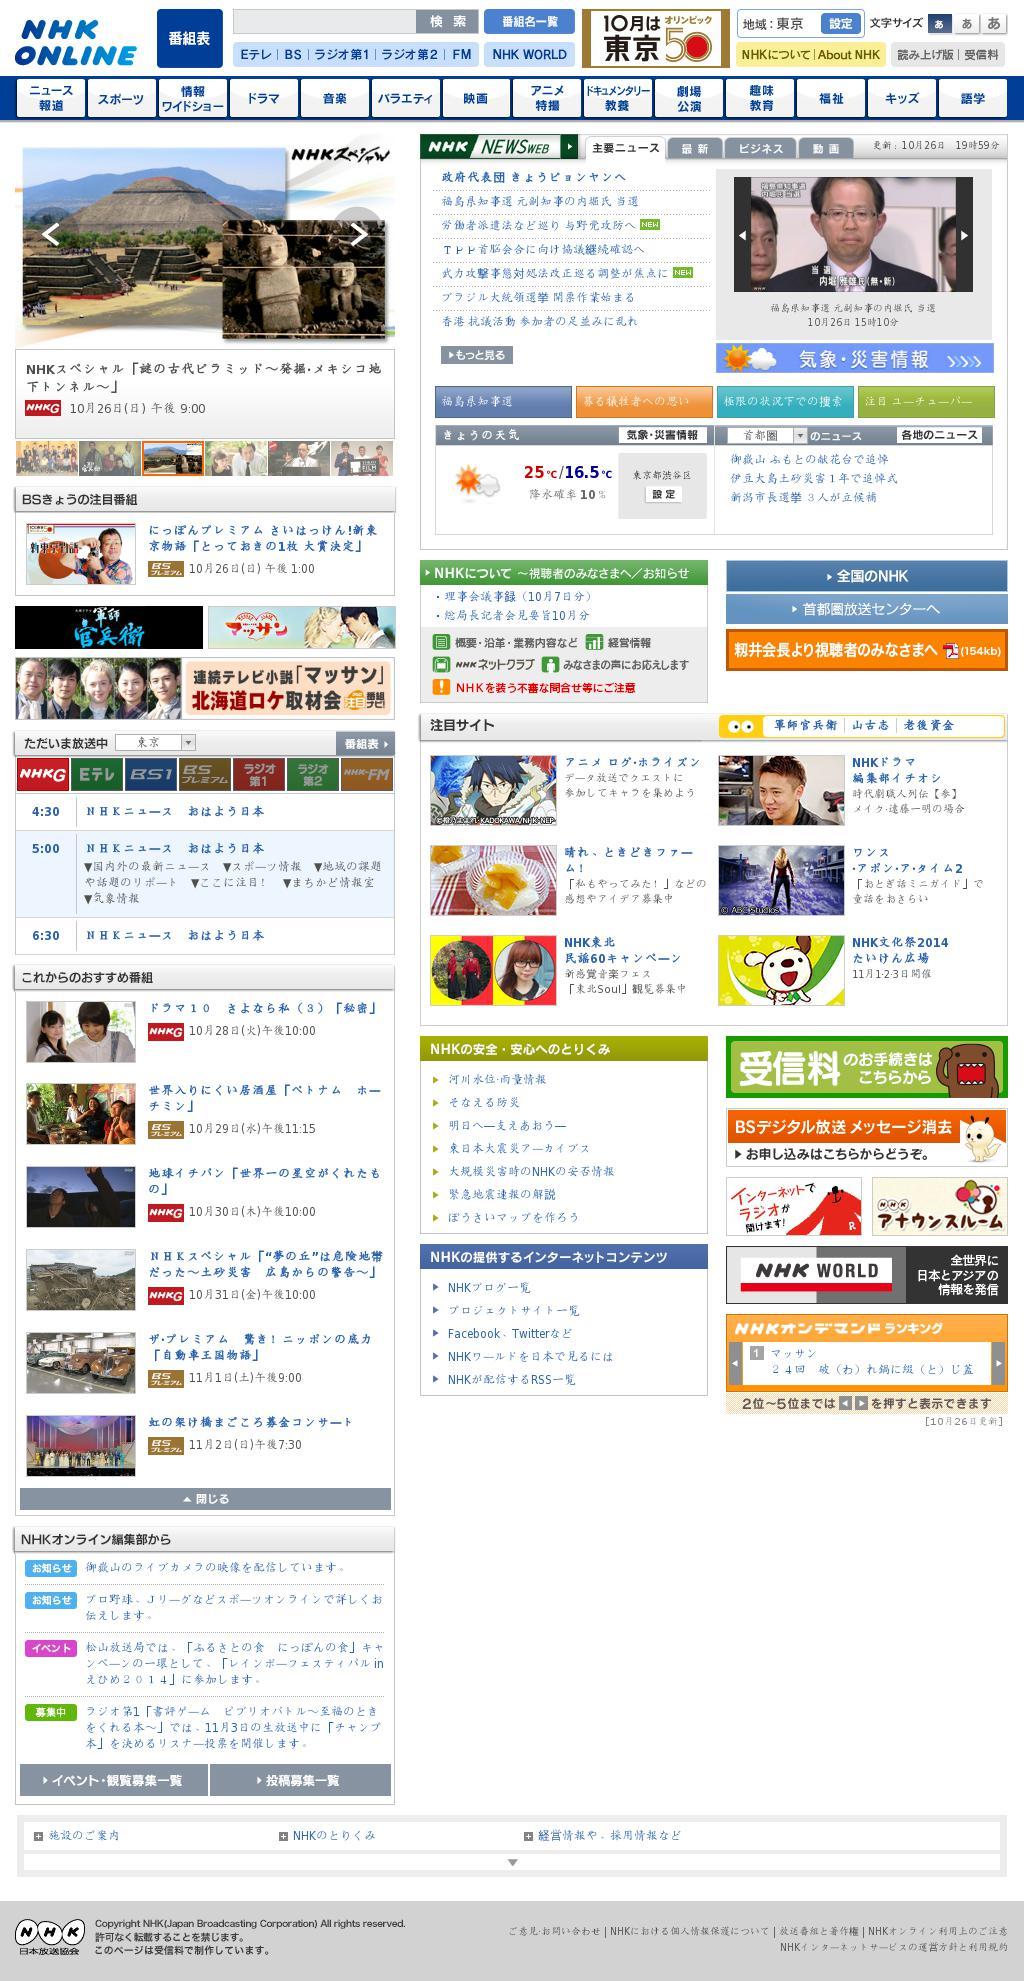 NHK Online at Sunday Oct. 26, 2014, 8:10 p.m. UTC